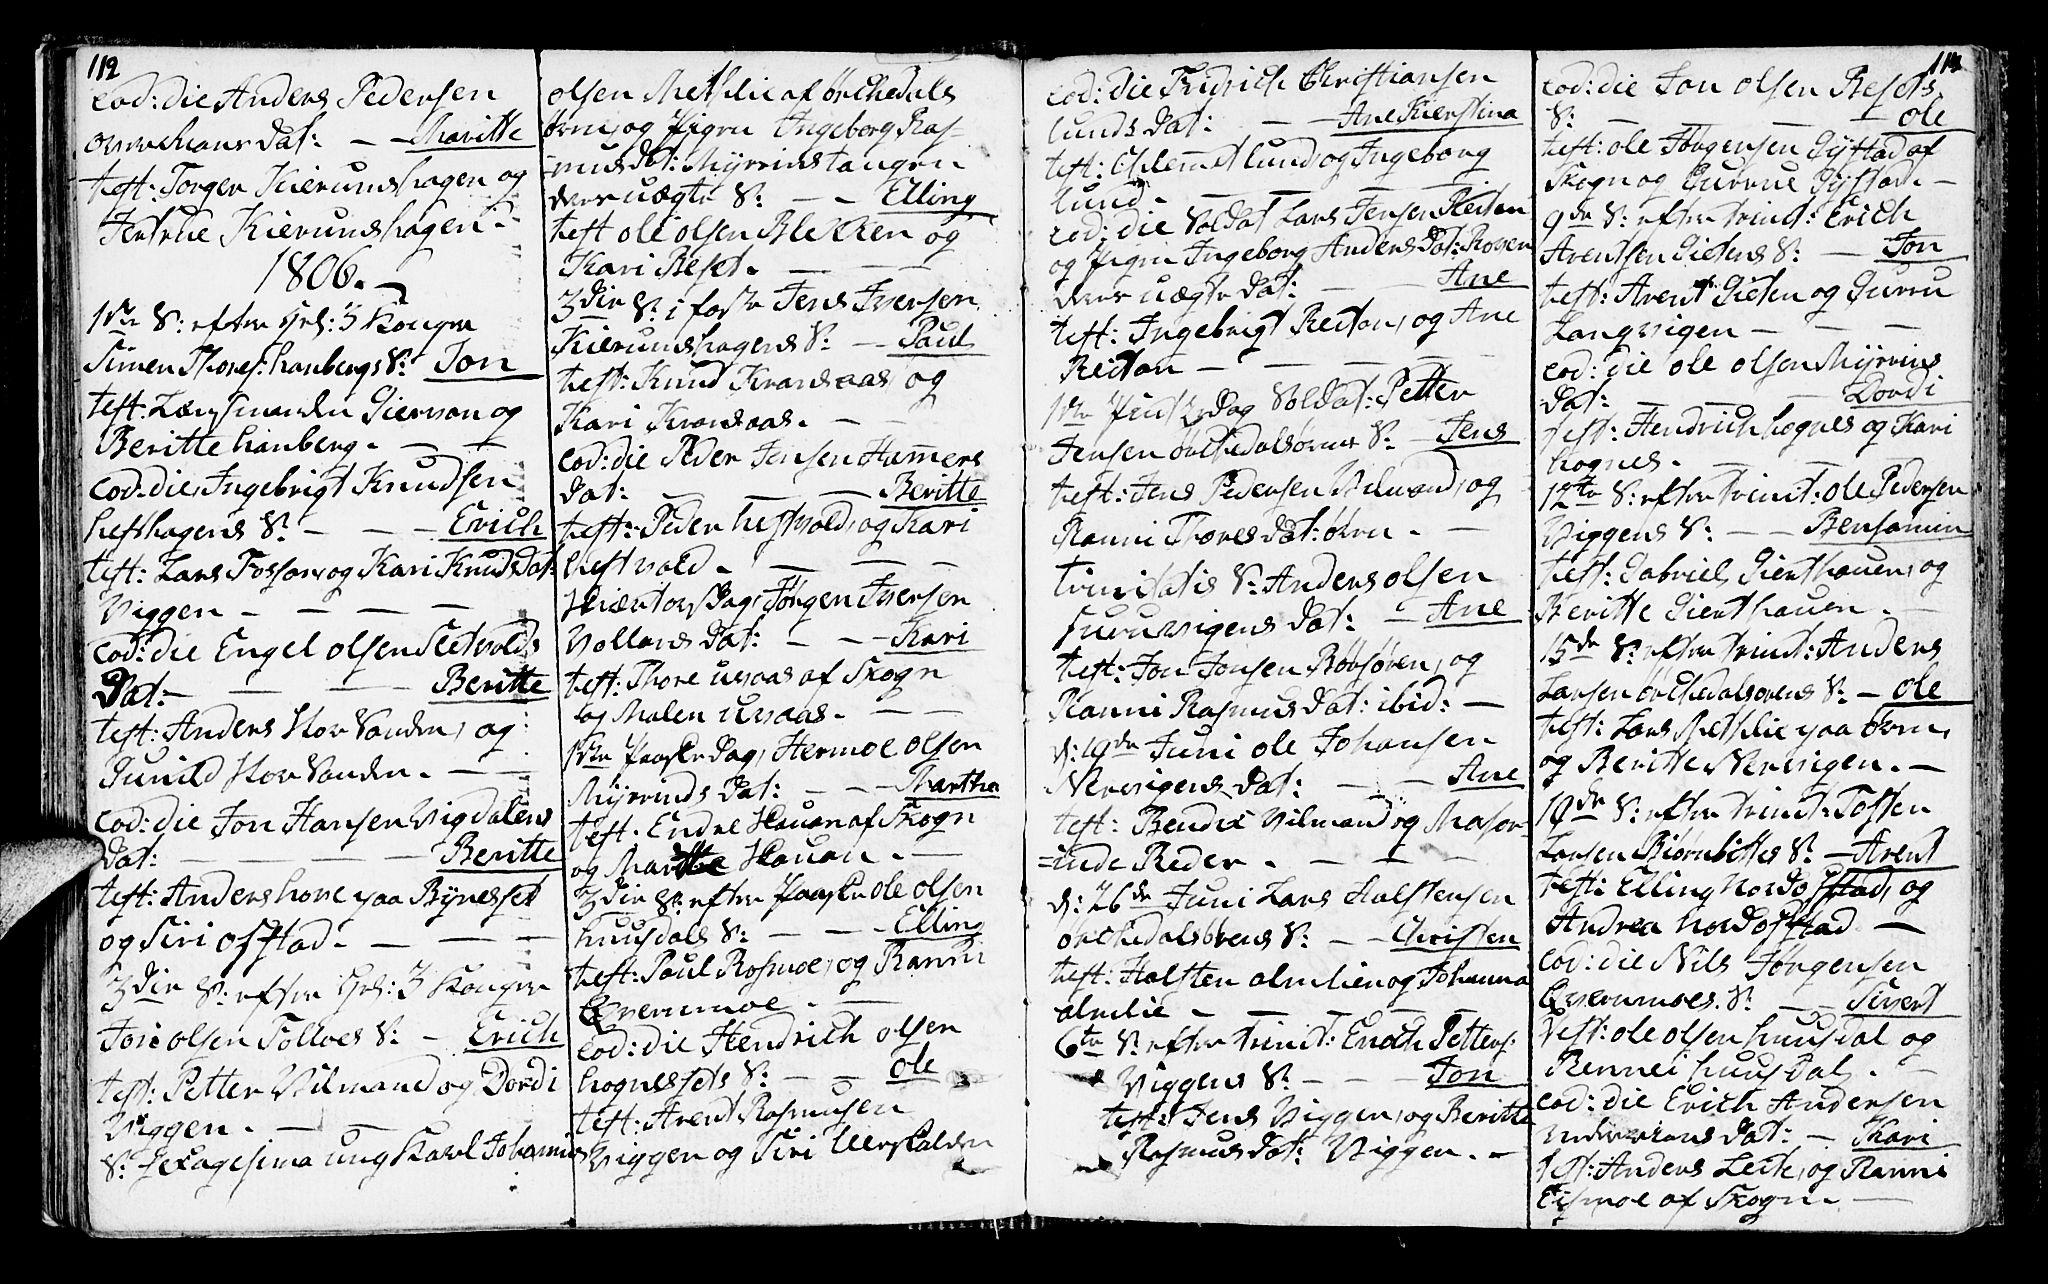 SAT, Ministerialprotokoller, klokkerbøker og fødselsregistre - Sør-Trøndelag, 665/L0769: Ministerialbok nr. 665A04, 1803-1816, s. 112-113